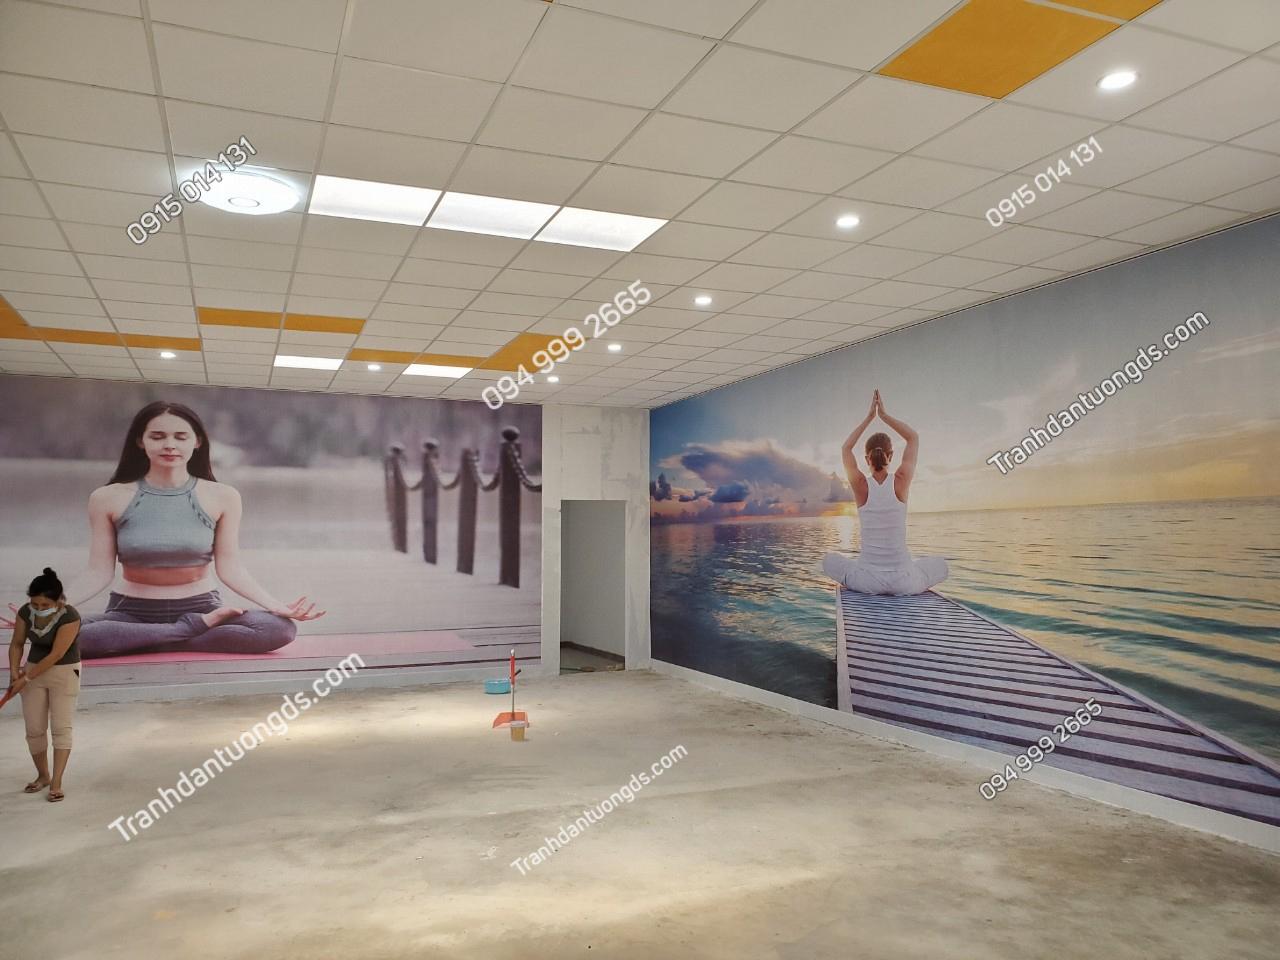 Tranh dán tường phòng yoga